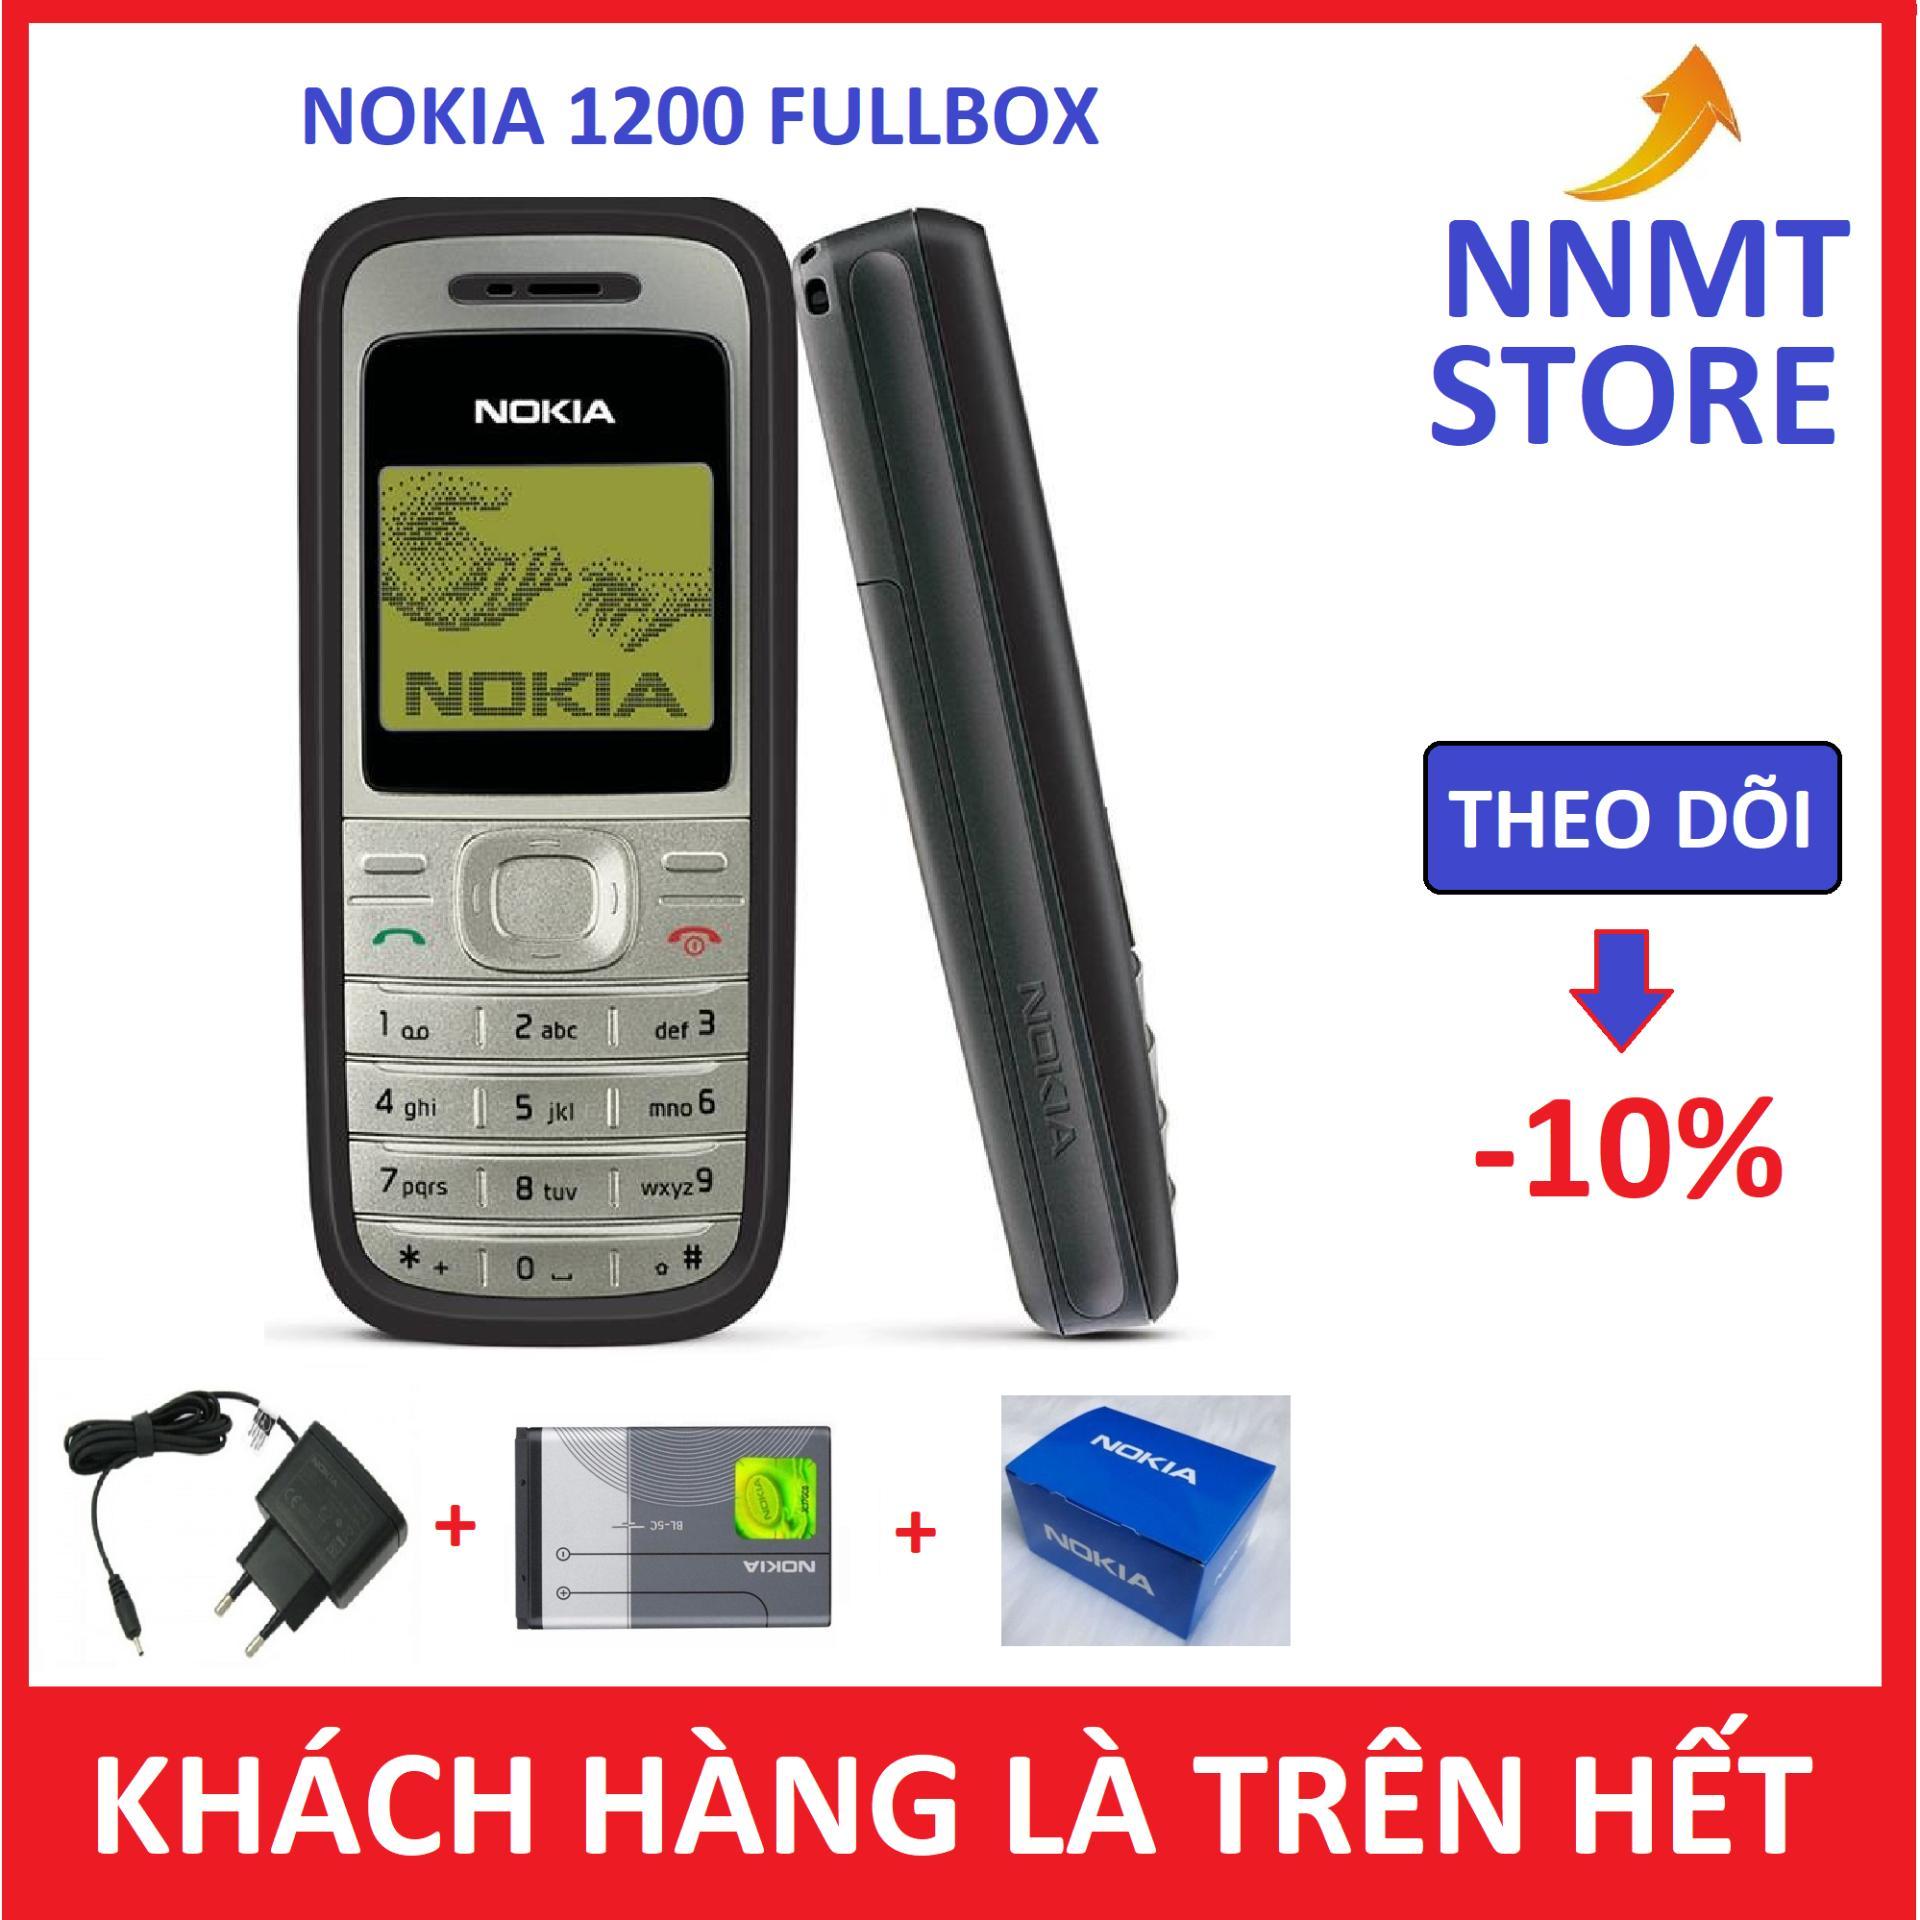 Điện thoại Nokia 1200 - Fullbox - Bảo hành 12 tháng - NNMT Store